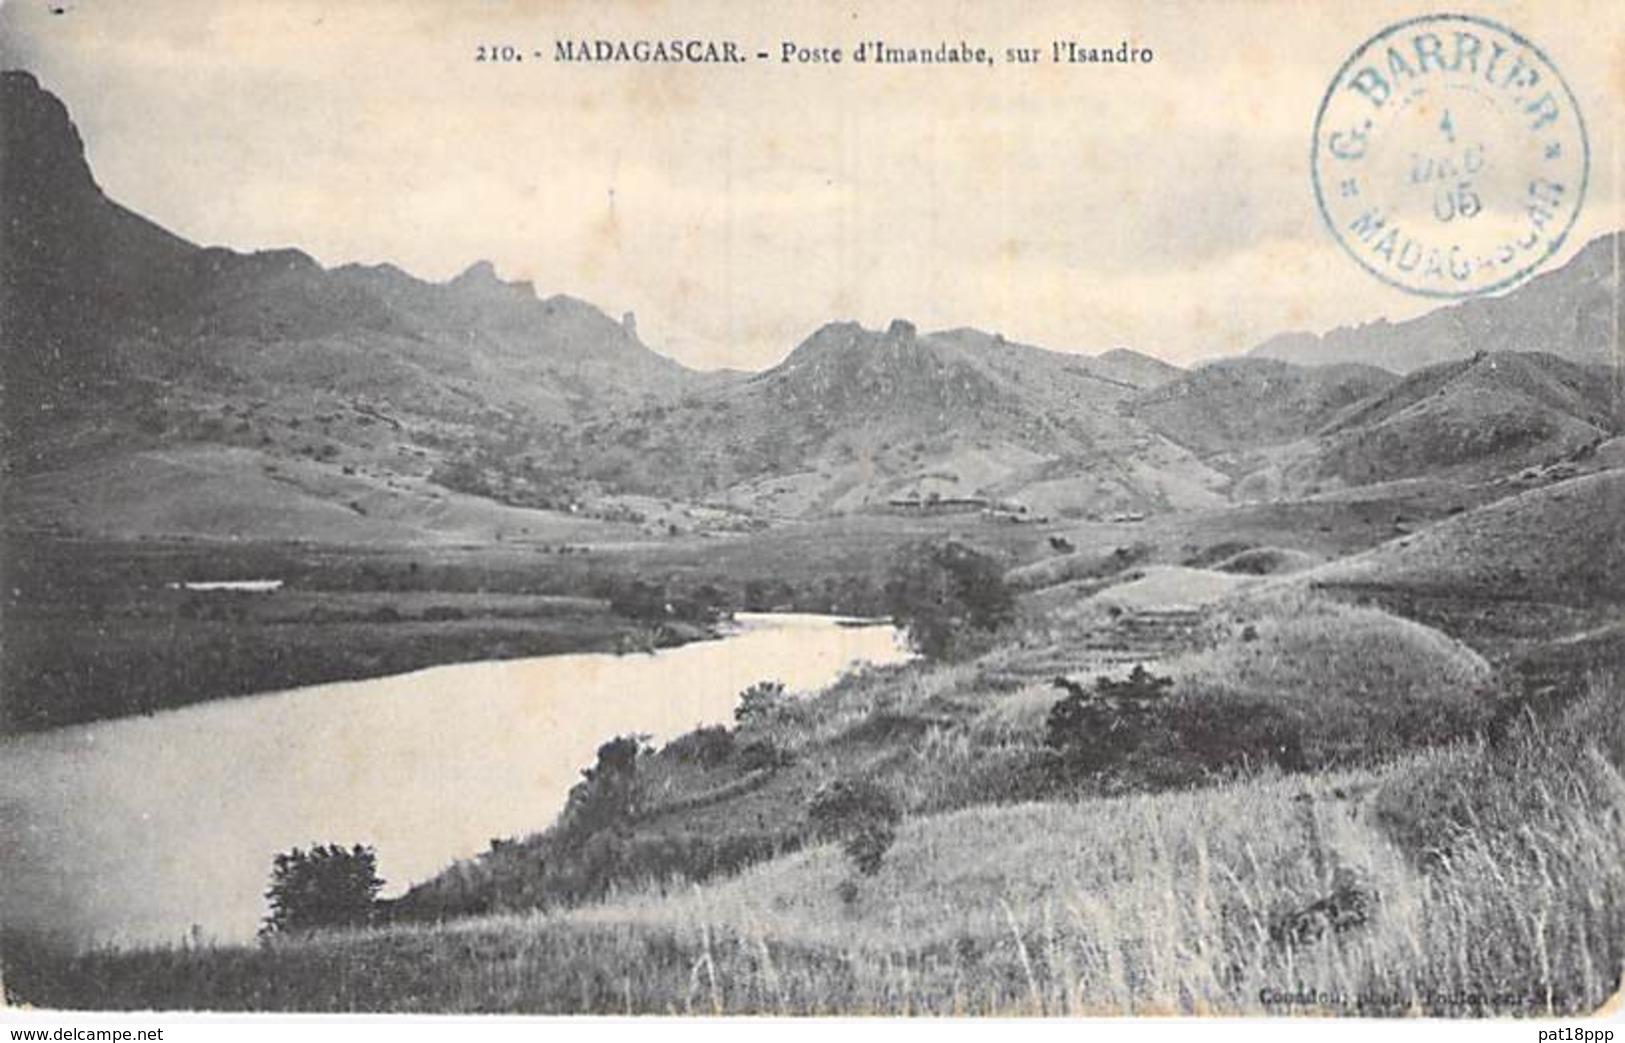 MADAGASCAR - Poste D'IMANDABE Sur L'ISANDRO - CPA - Afrique Noire - Madagascar